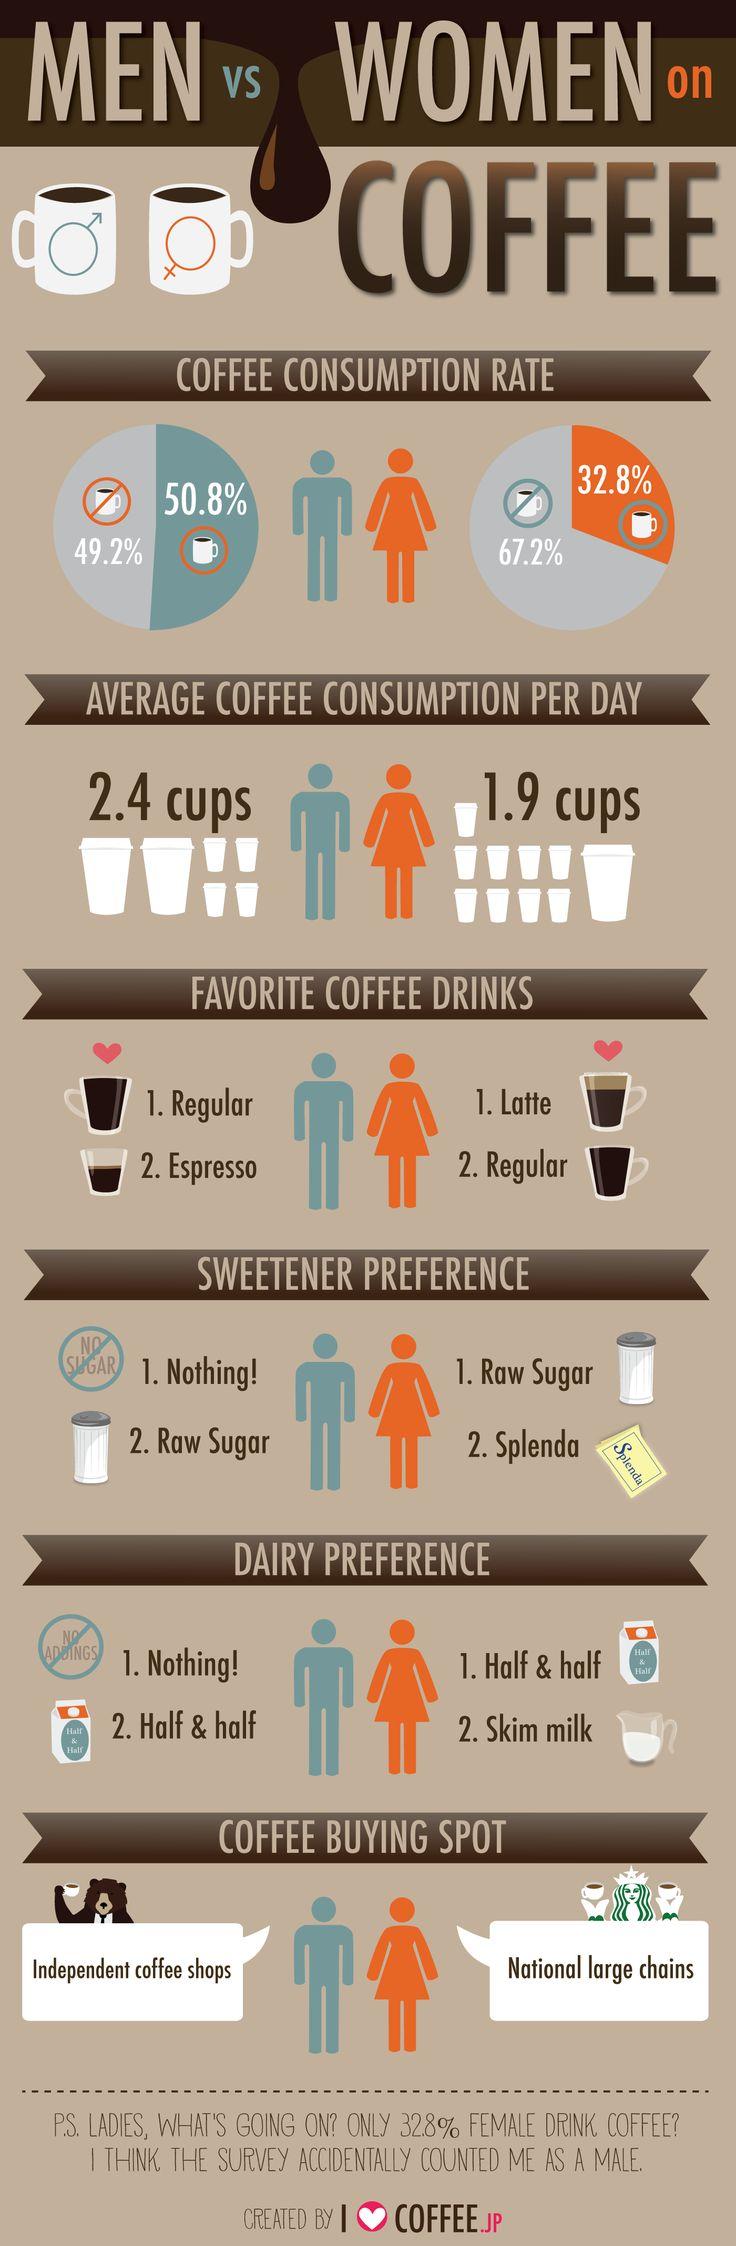 Men vs Women on Coffee - I Love Coffee